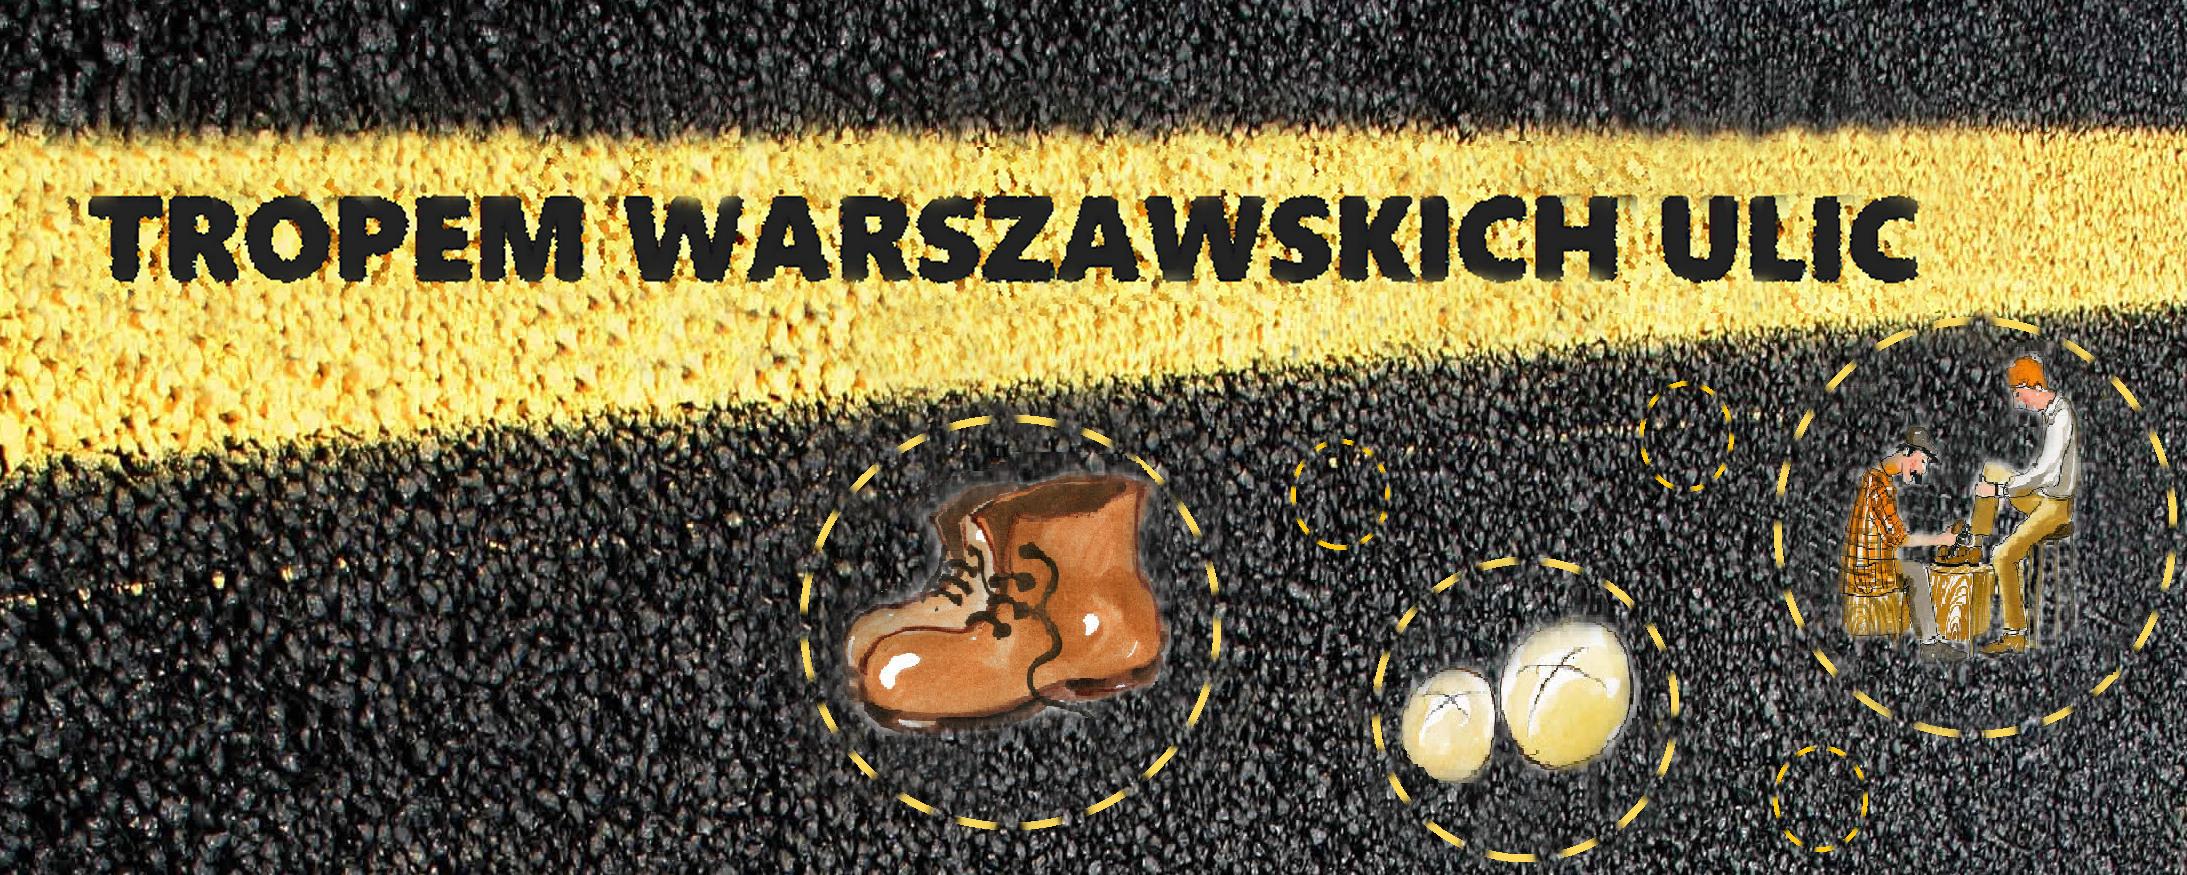 Tropem warszawskich ulic